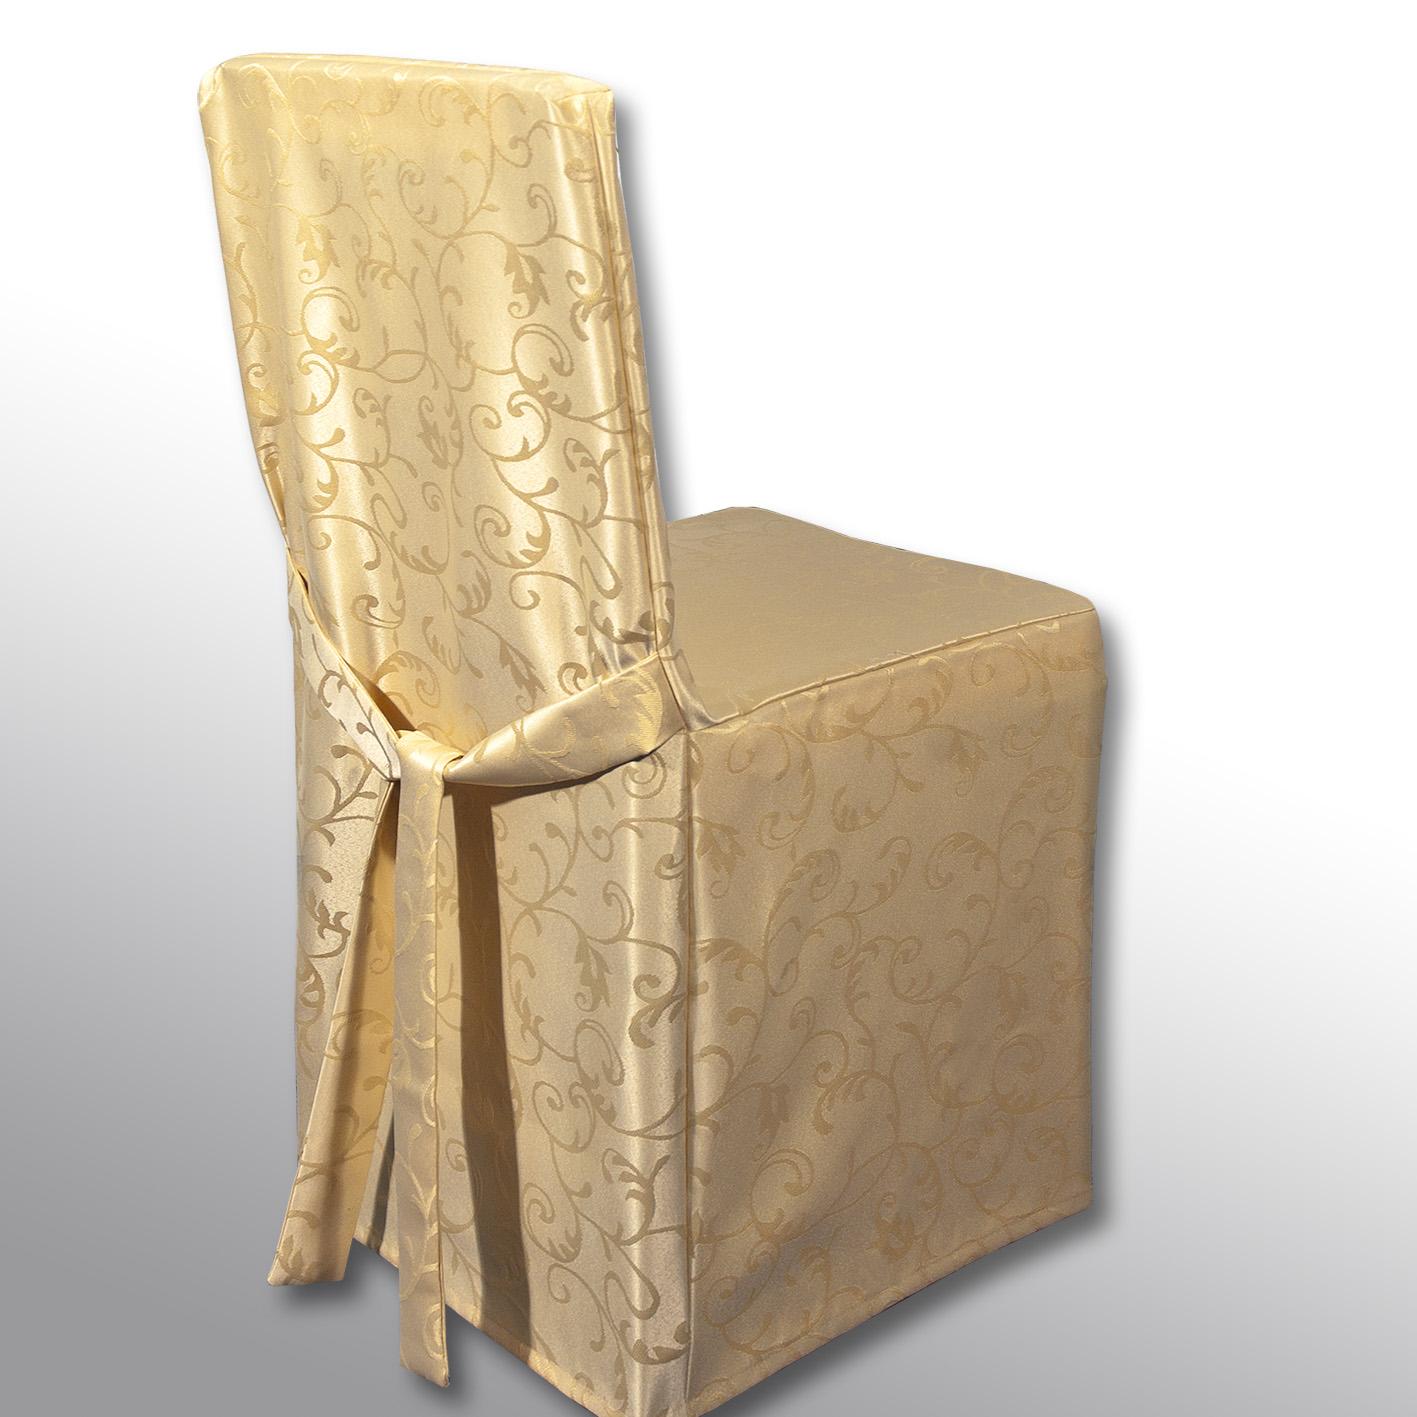 Чехол на стул Schaefer, цвет: бежевый, 45 х 45 х 45 см98295719Чехол на стул Schaefer выполнен из полиэстера с красивым узором. На спинке чехол завязывается на завязки. Предназначен для классического стула со спинкой. Такой чехол изысканно дополнит интерьер вашего дома.